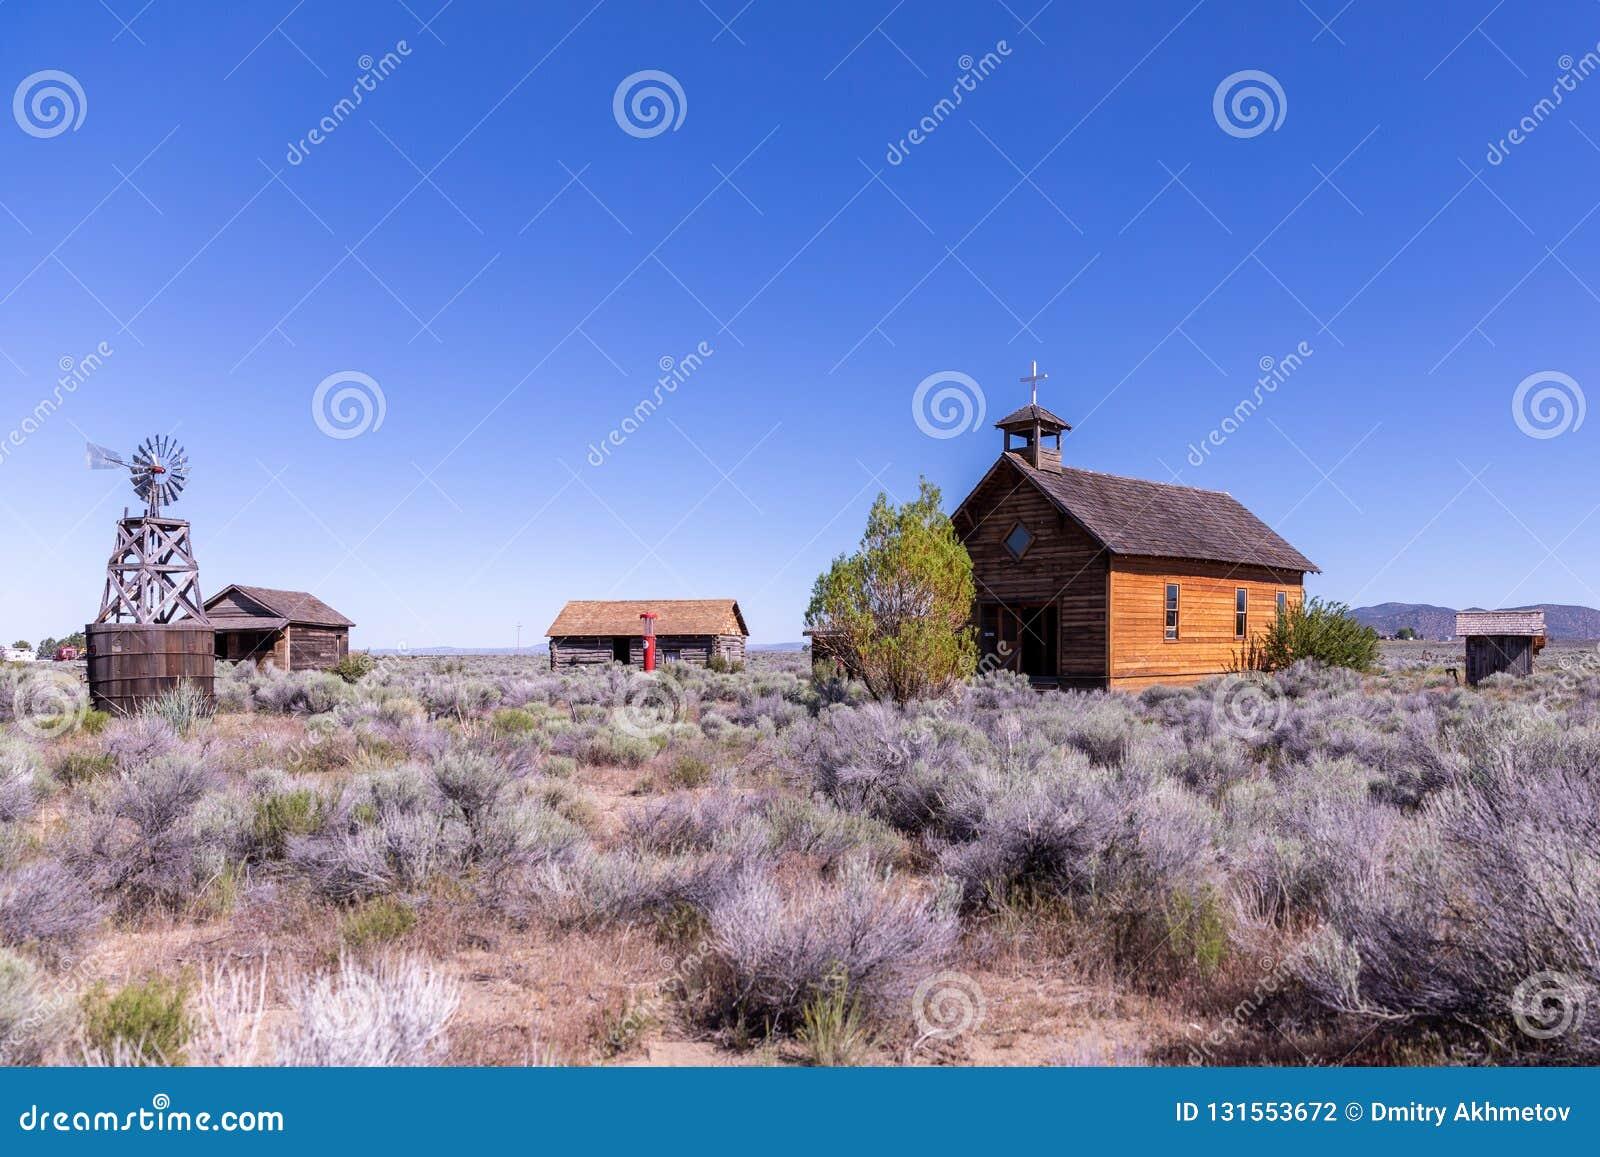 Historische gebouwen in een woestijnhoeve